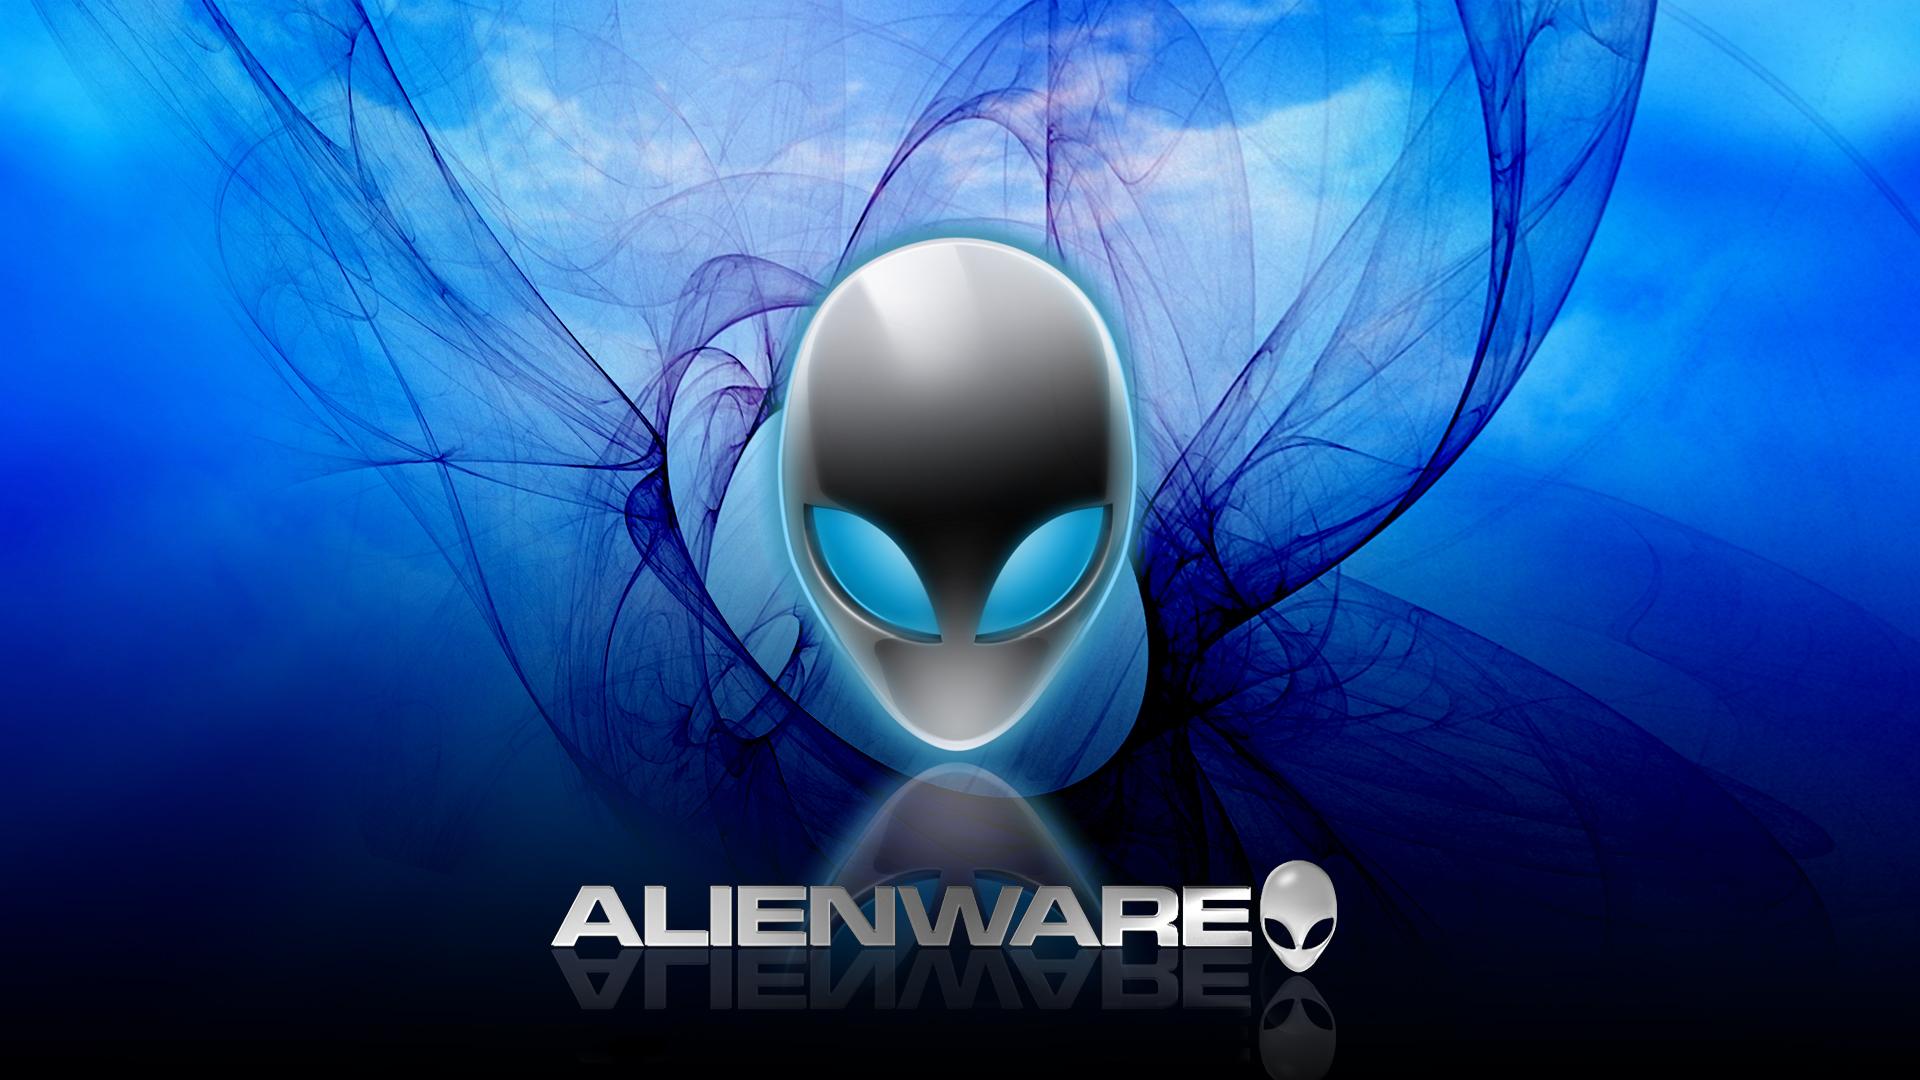 Wallpapers of AlienWare   Socialphy 1920x1080